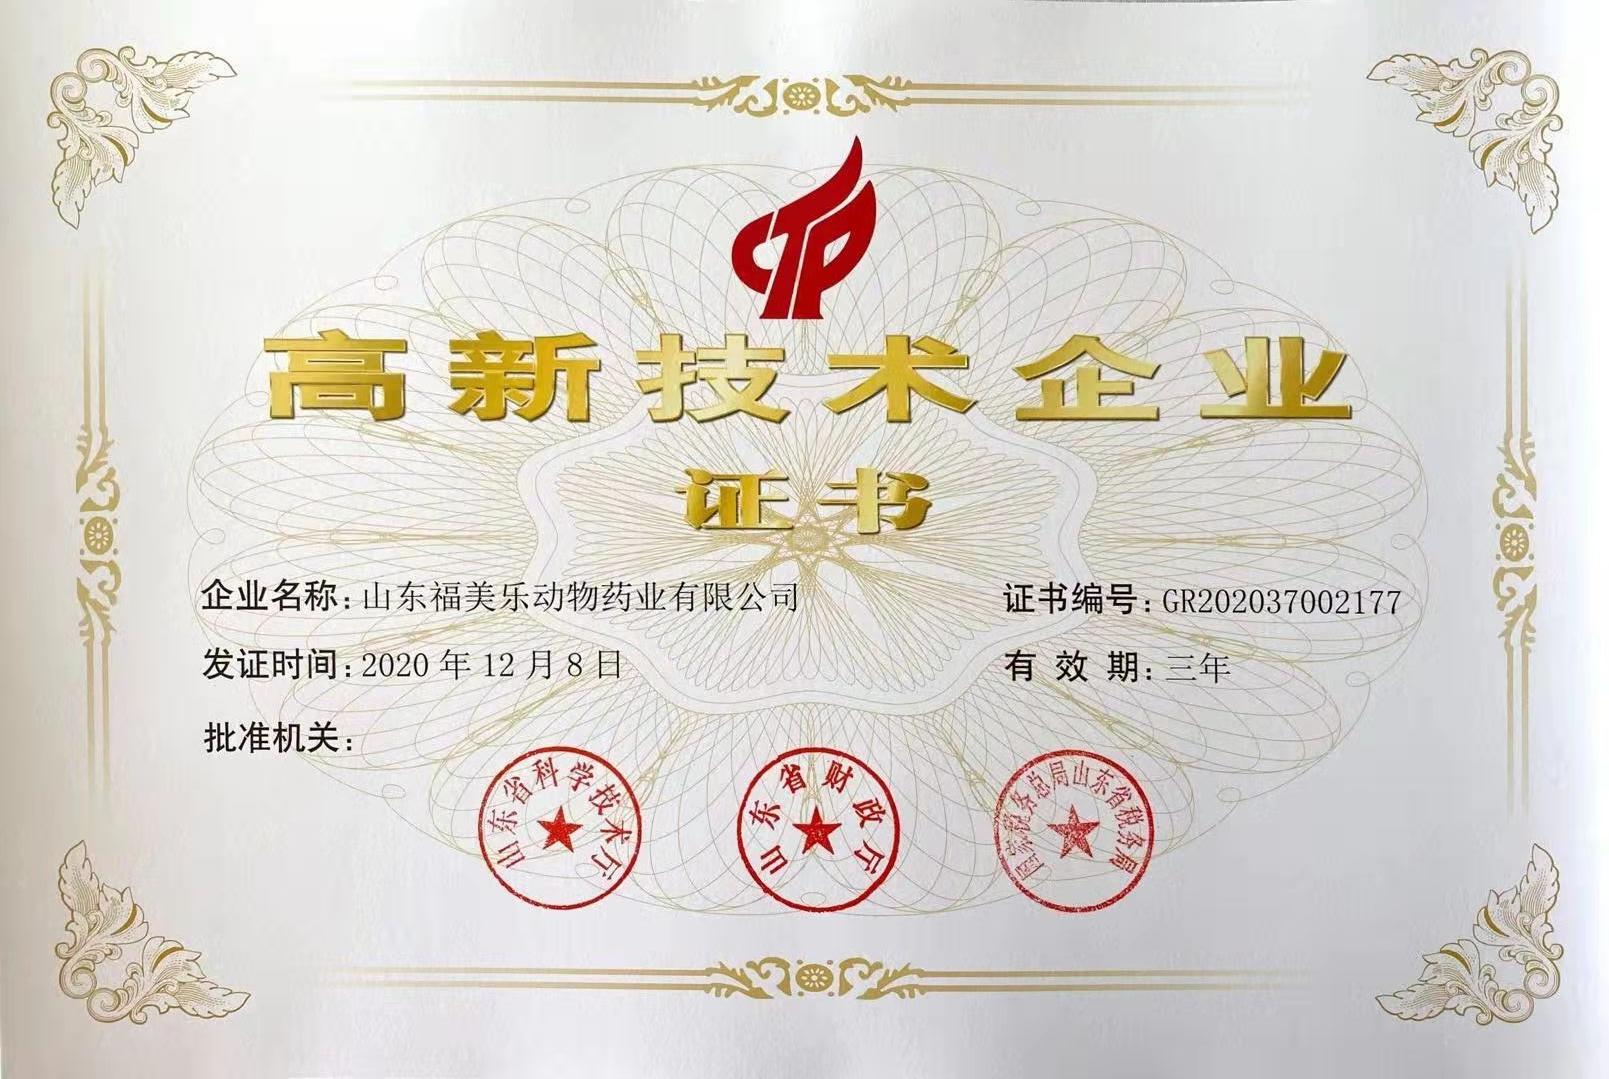 山东福美乐获评国家高新技术企业